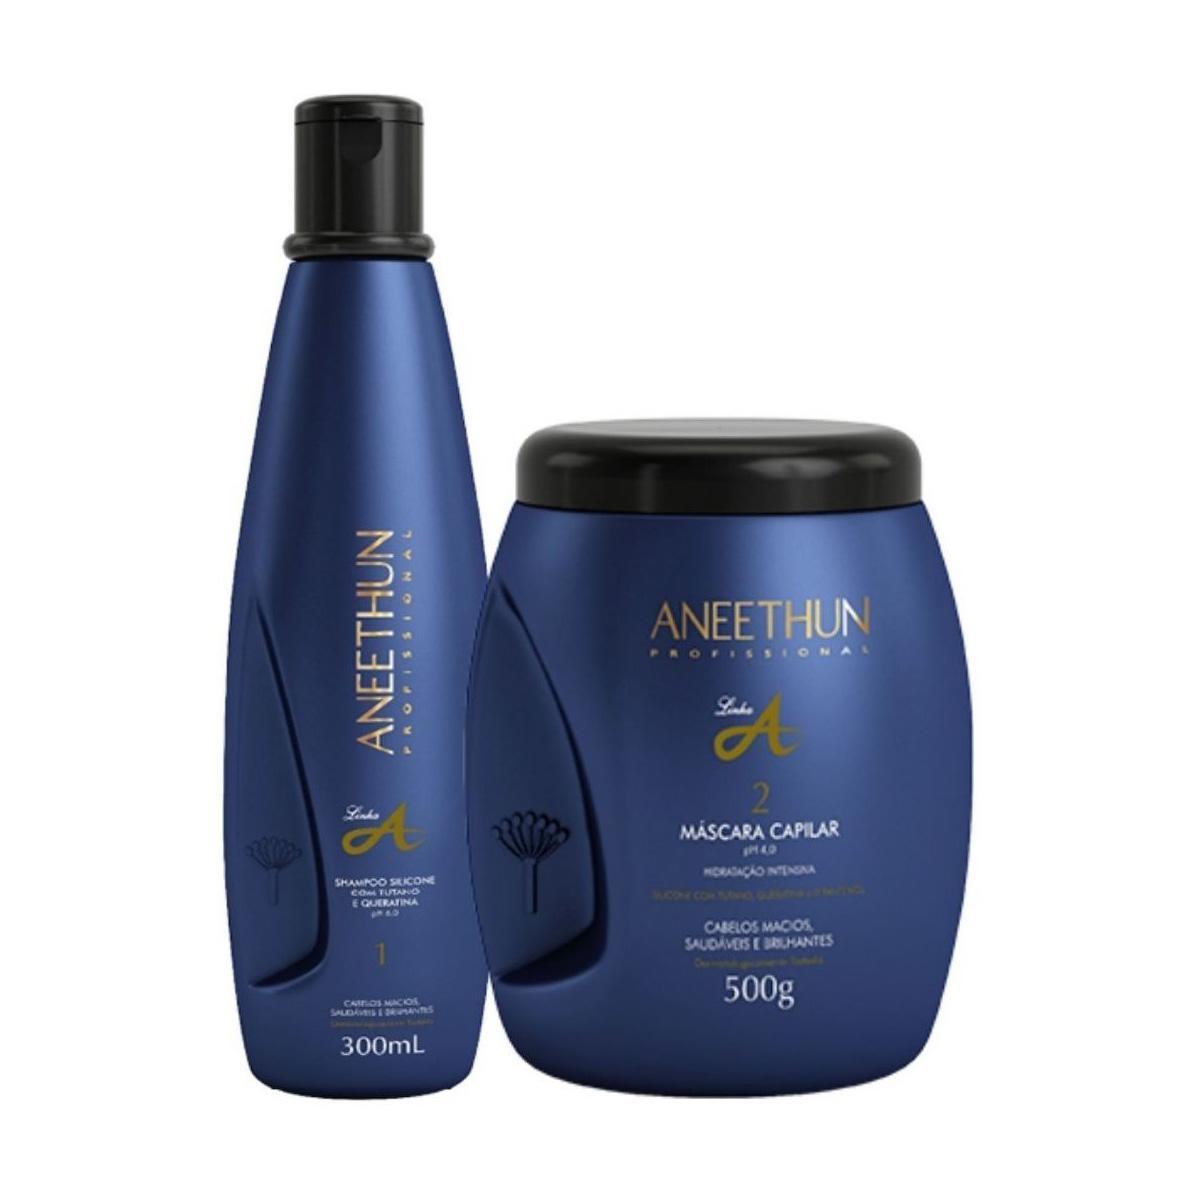 Kit Aneethun Linha A Shampoo 300ml e Máscara 500gr